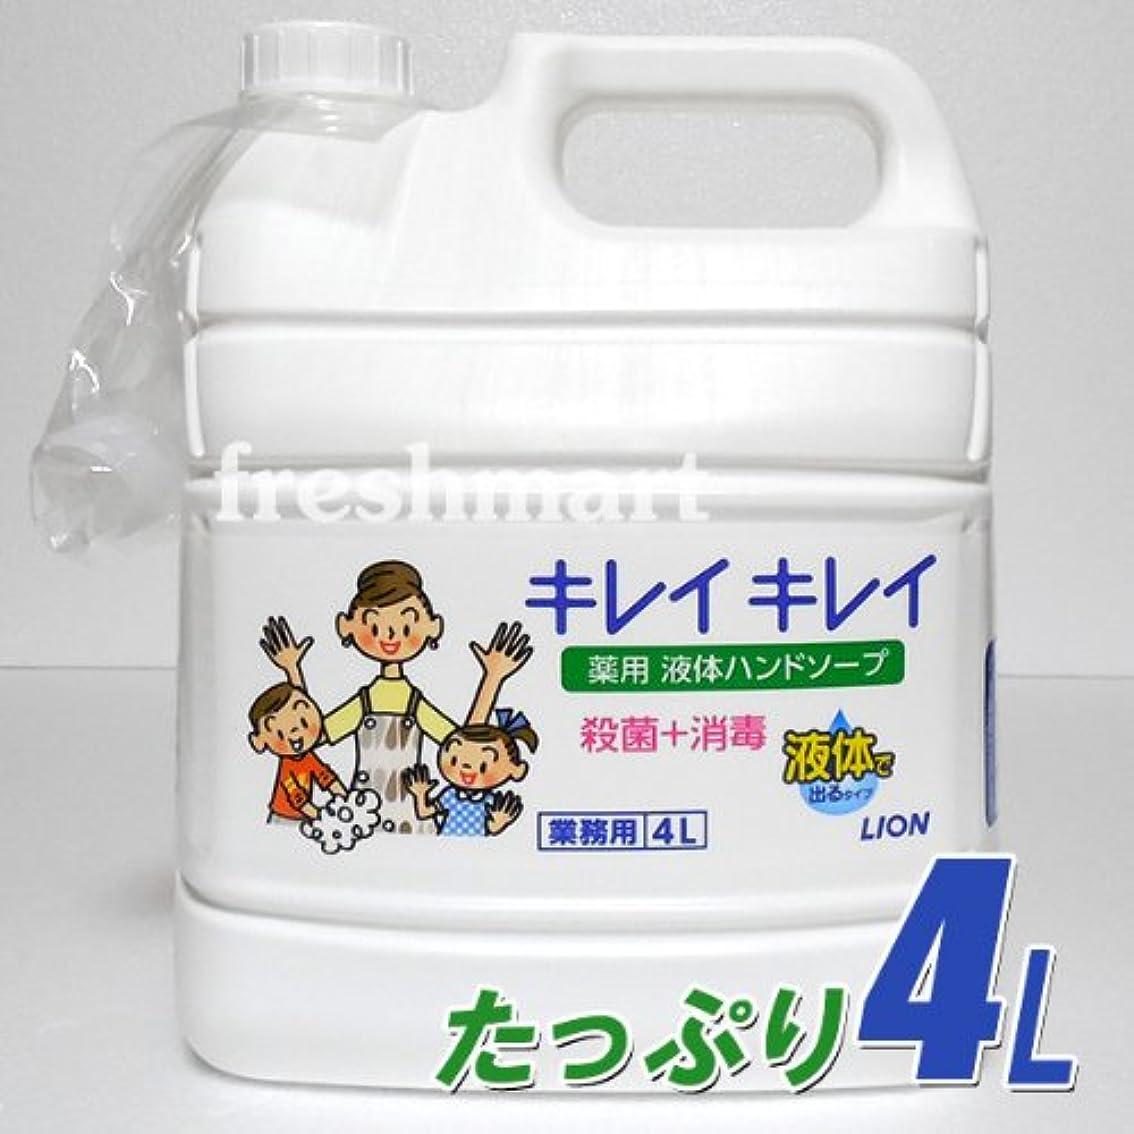 マージ麻痺商品☆100%植物性洗浄成分使用☆ ライオン キレイキレイ 薬用液体ハンドソープ つめかえ用4L 業務用 大容量 ボトル